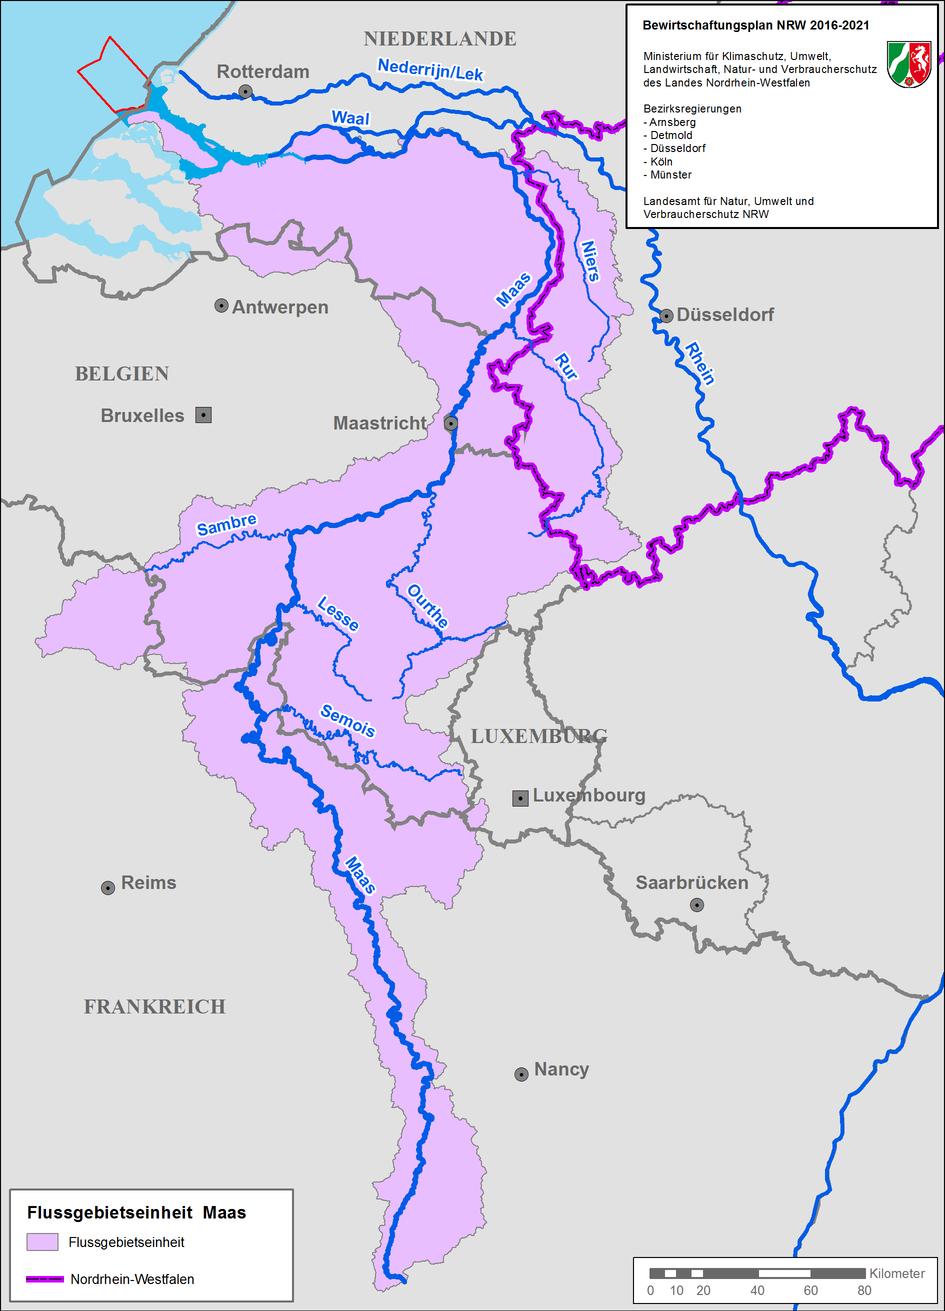 Karte der Flussgebietseinheit Maas